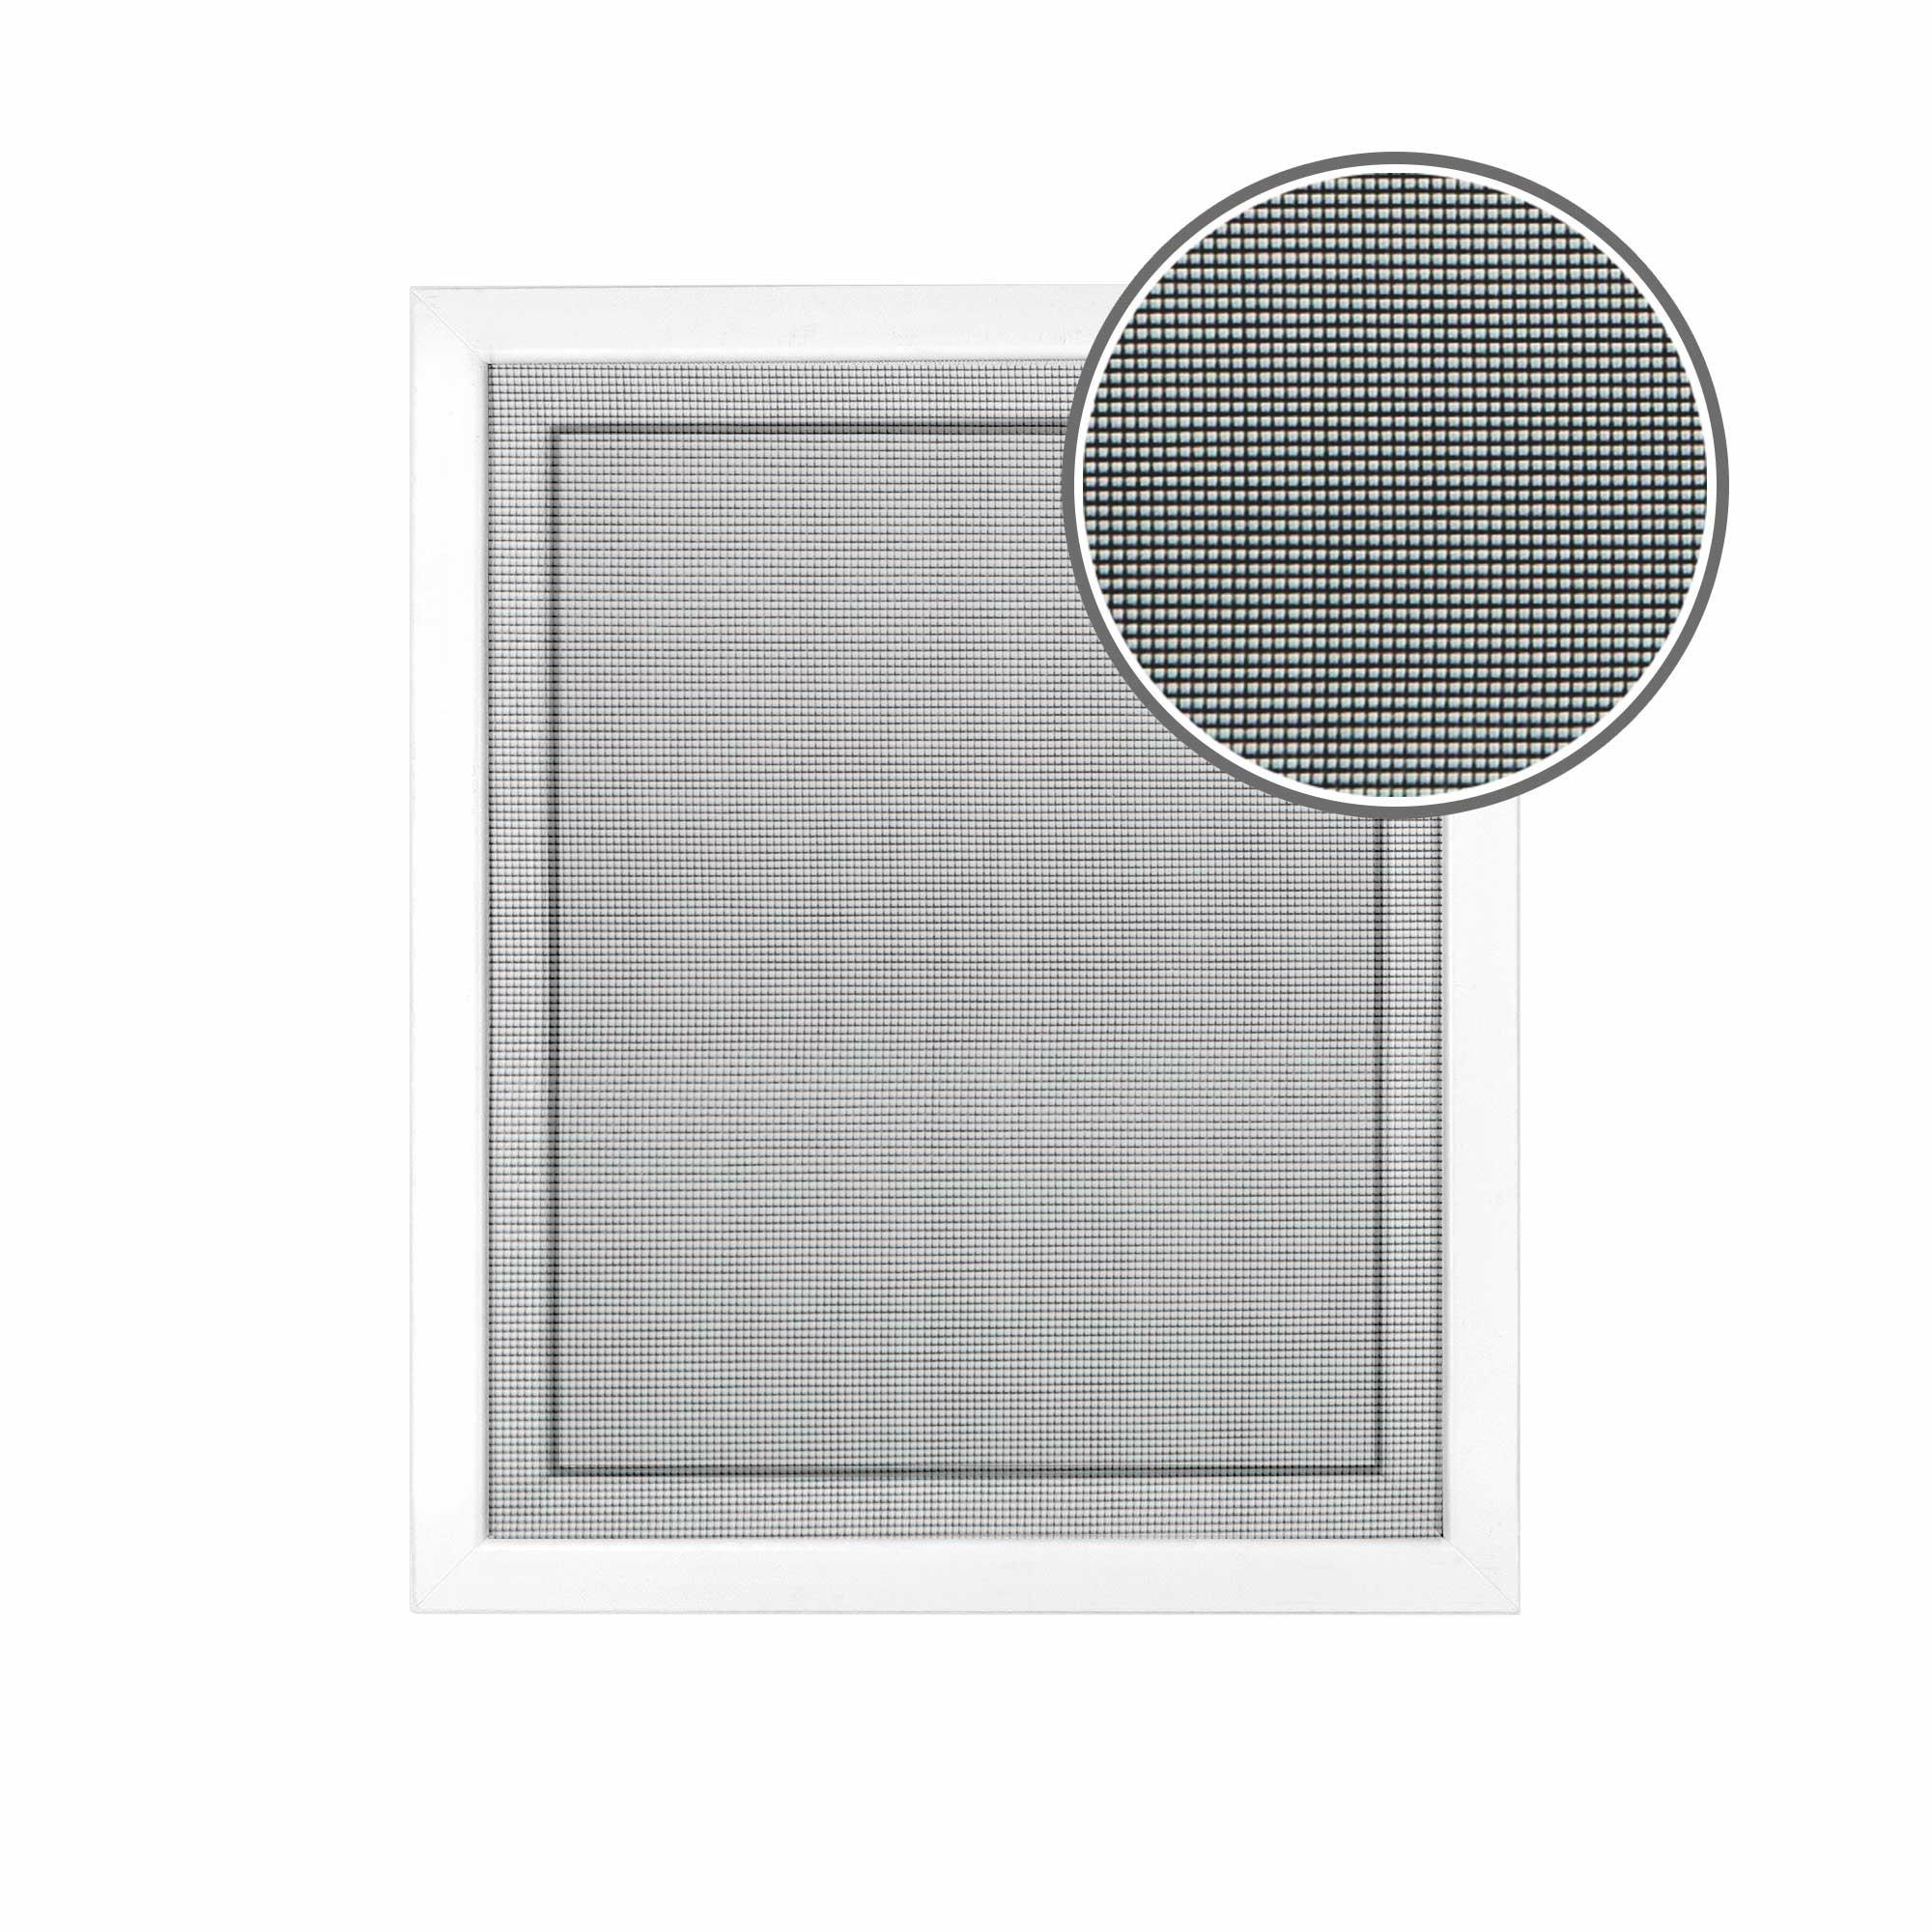 Moskitiera okienna - Siatka, Czarny